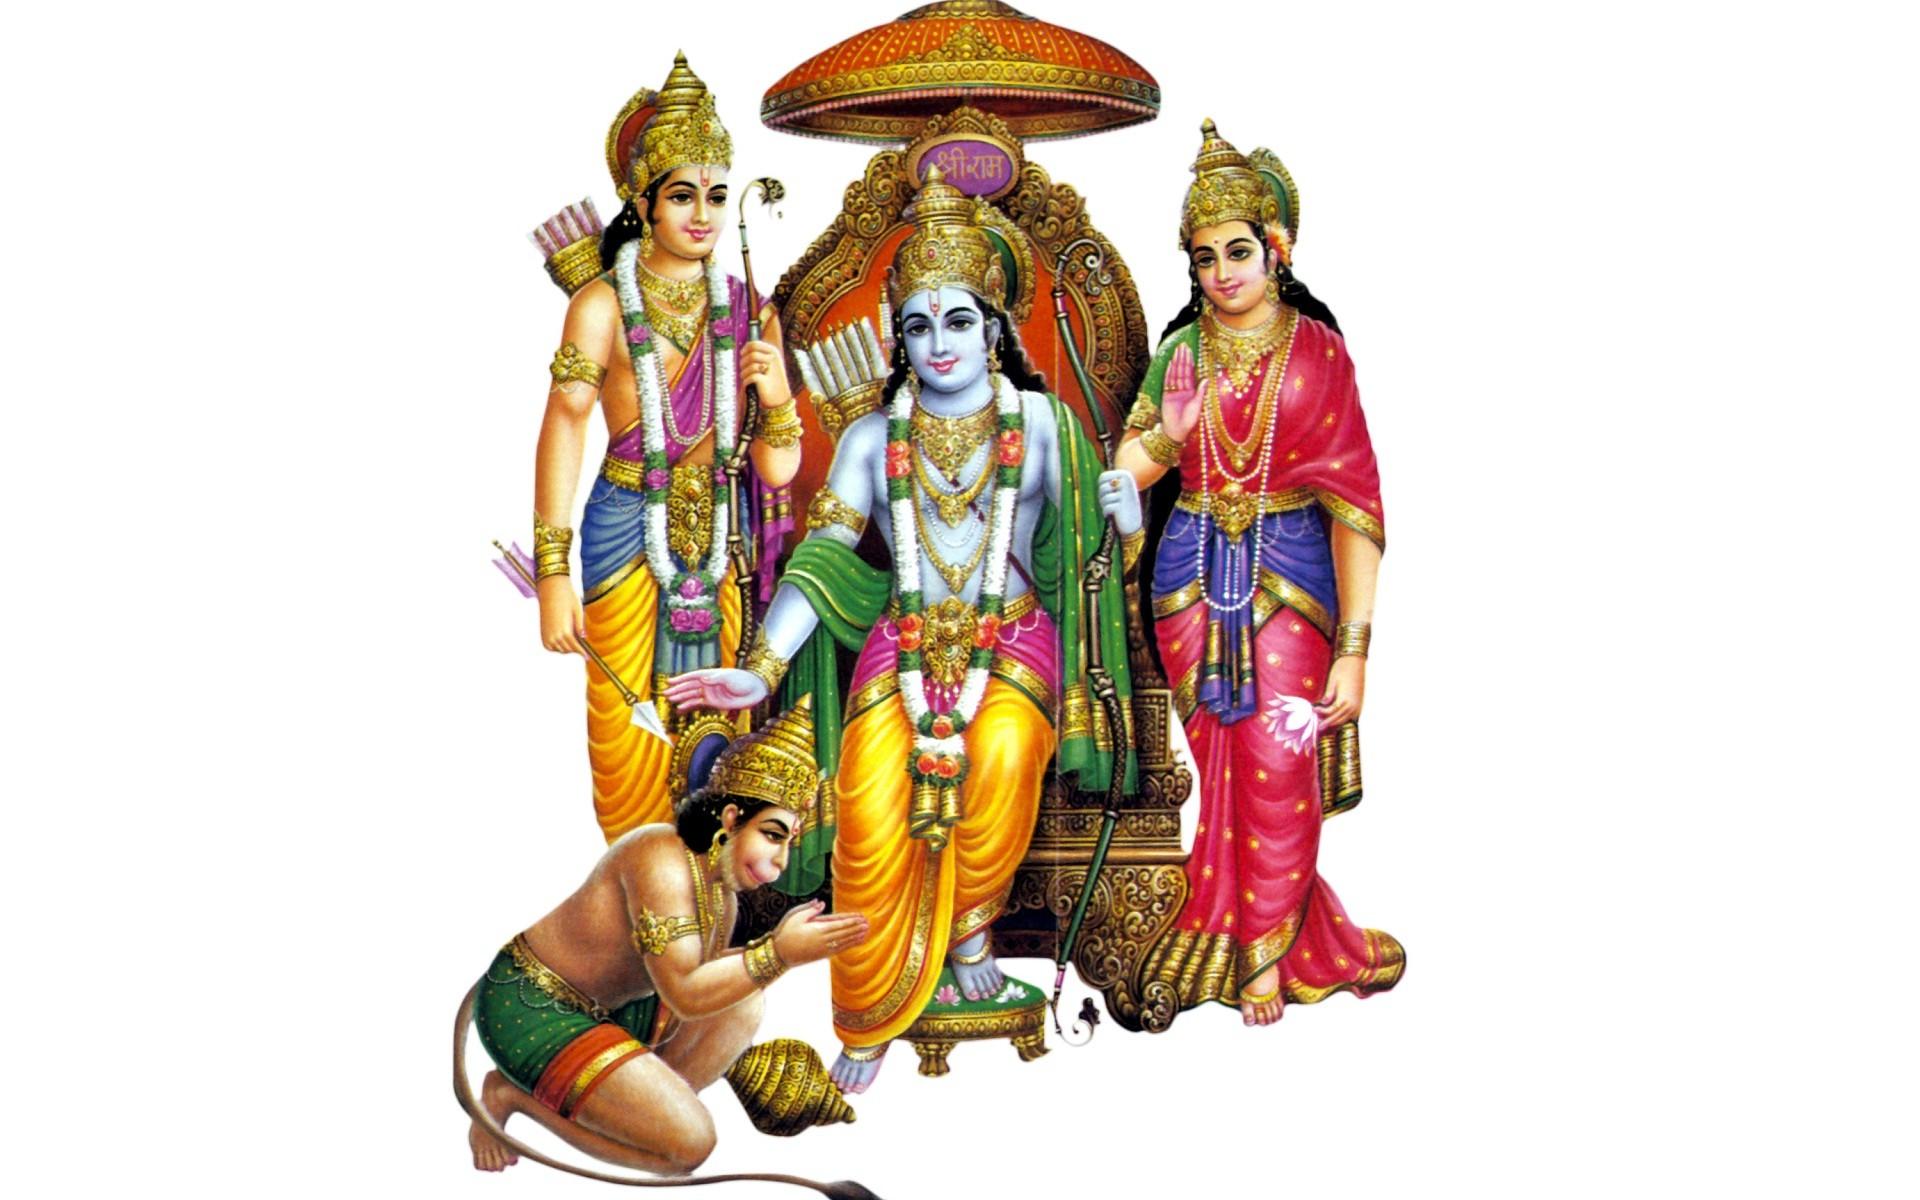 Hindu Muslim in his court used to make coins of Ram Rajya?